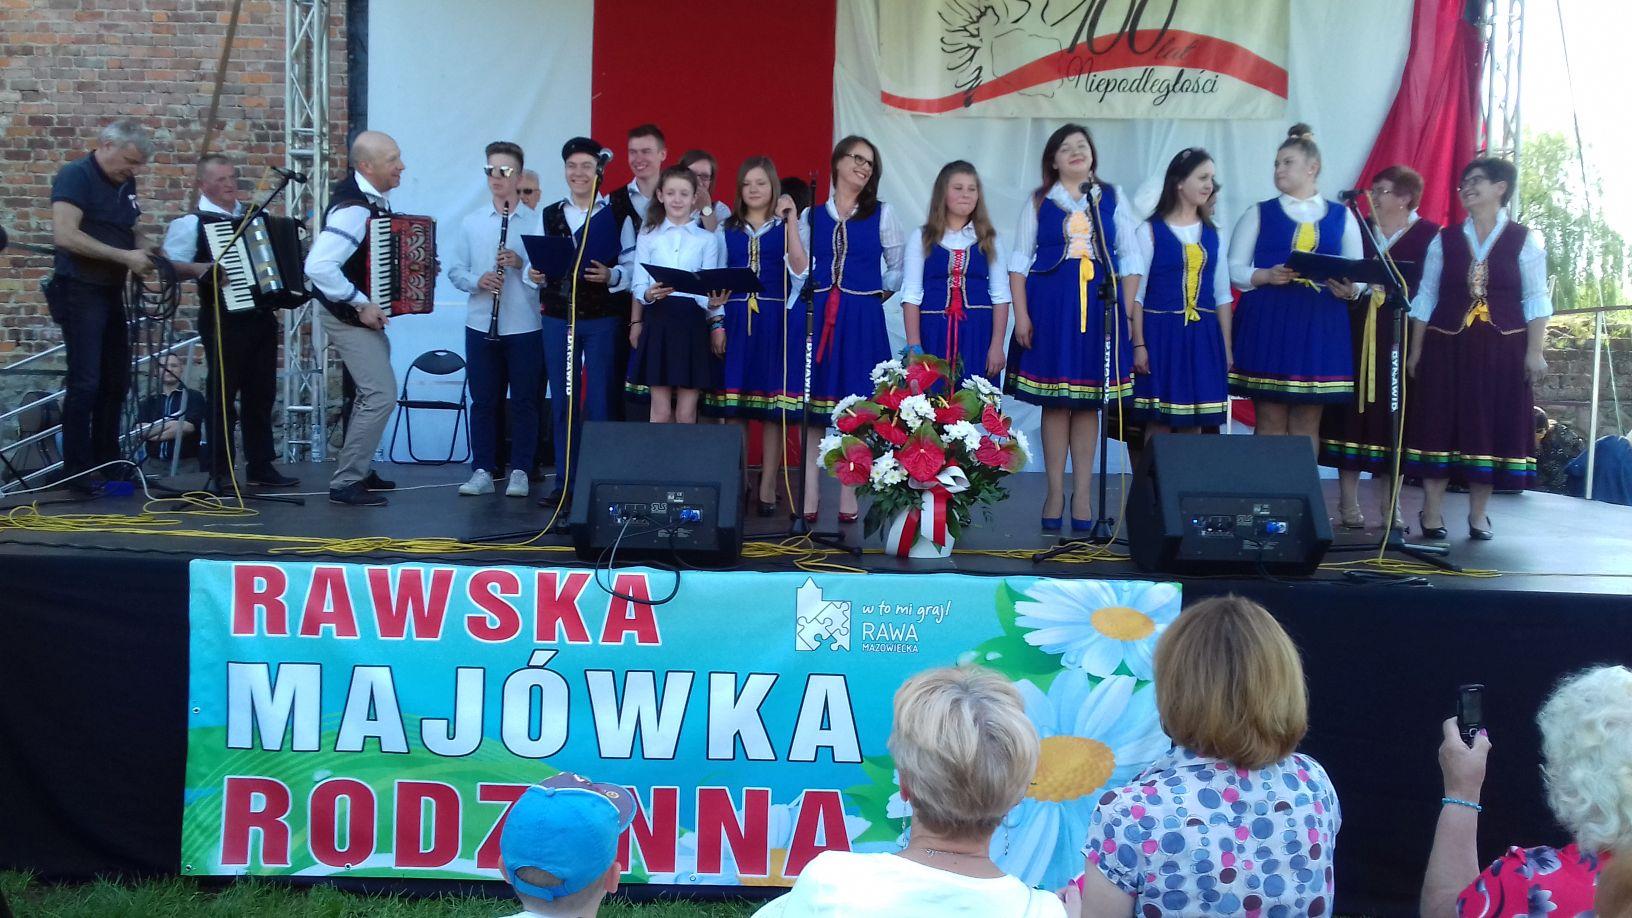 2018-05-03 Rawa Mazowiecka - Radosne Święto (43)